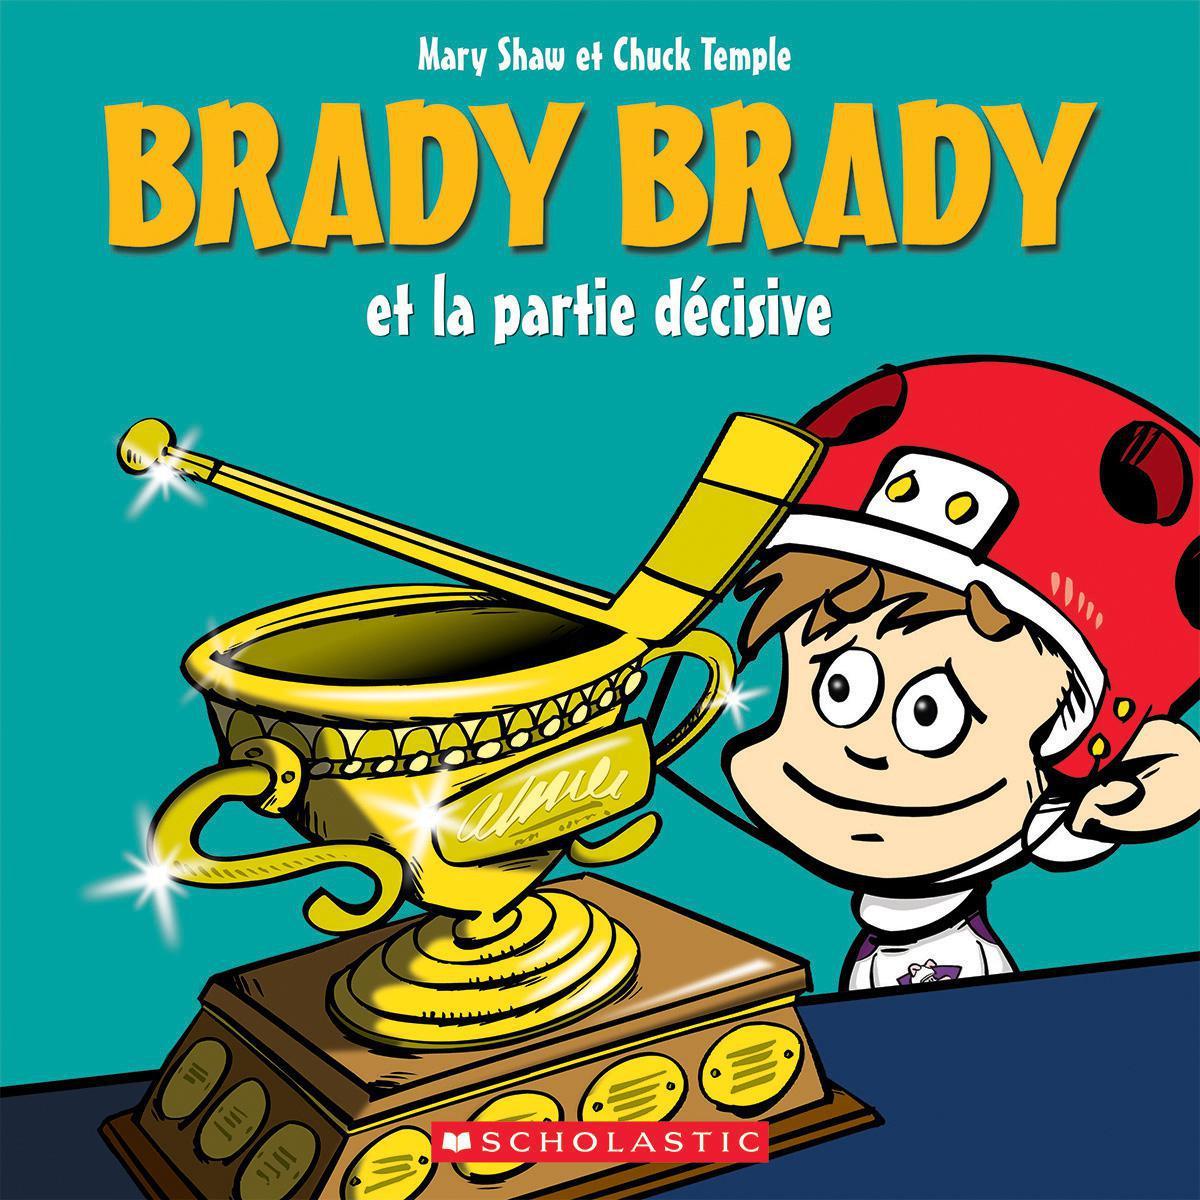 Brady Brady et la partie décisive